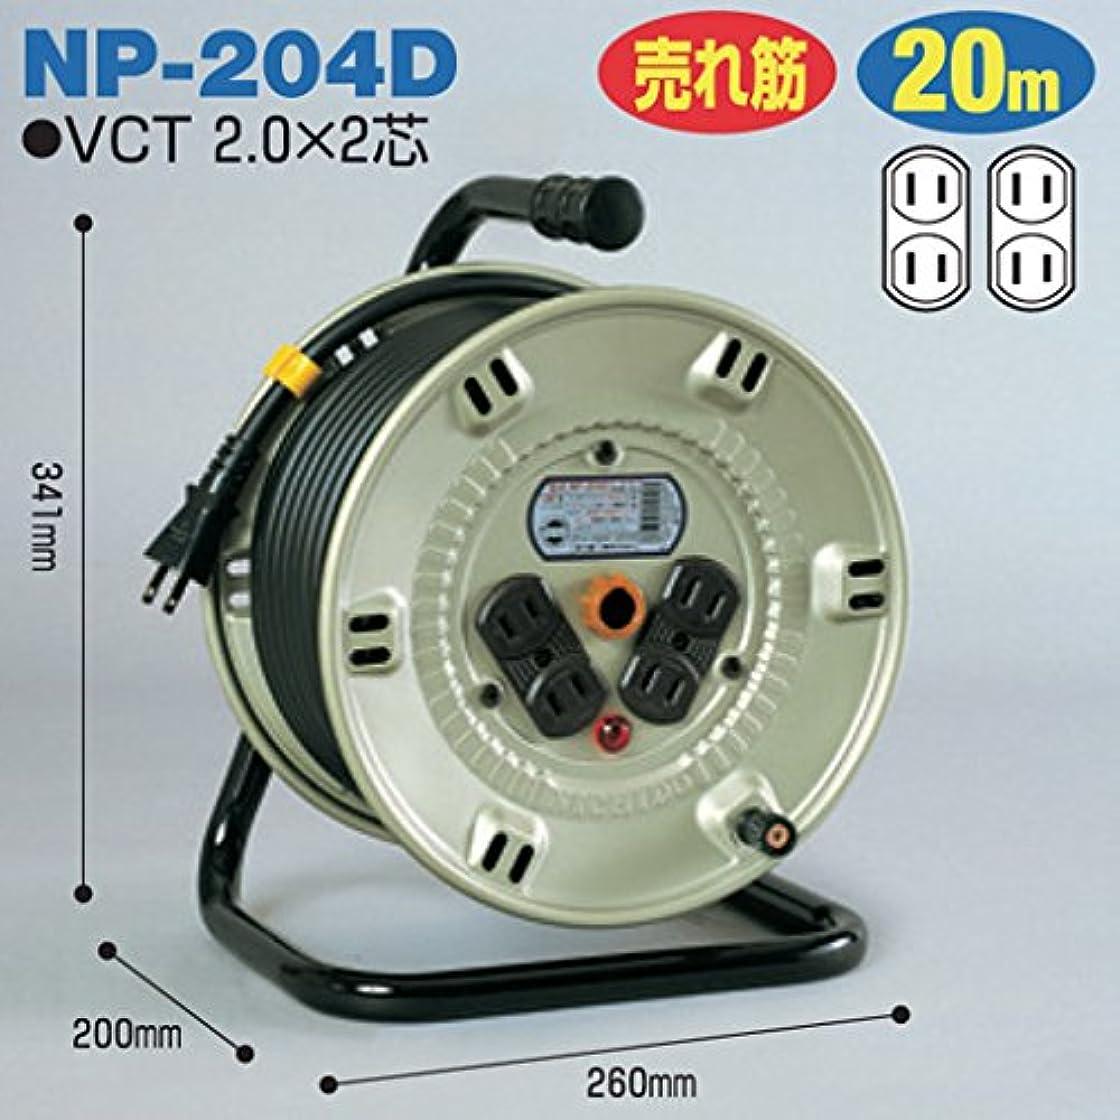 に渡って追跡コンバーチブル電工ドラム 標準型ドラム(屋内型) NP-204D 20m アース無 日動工業